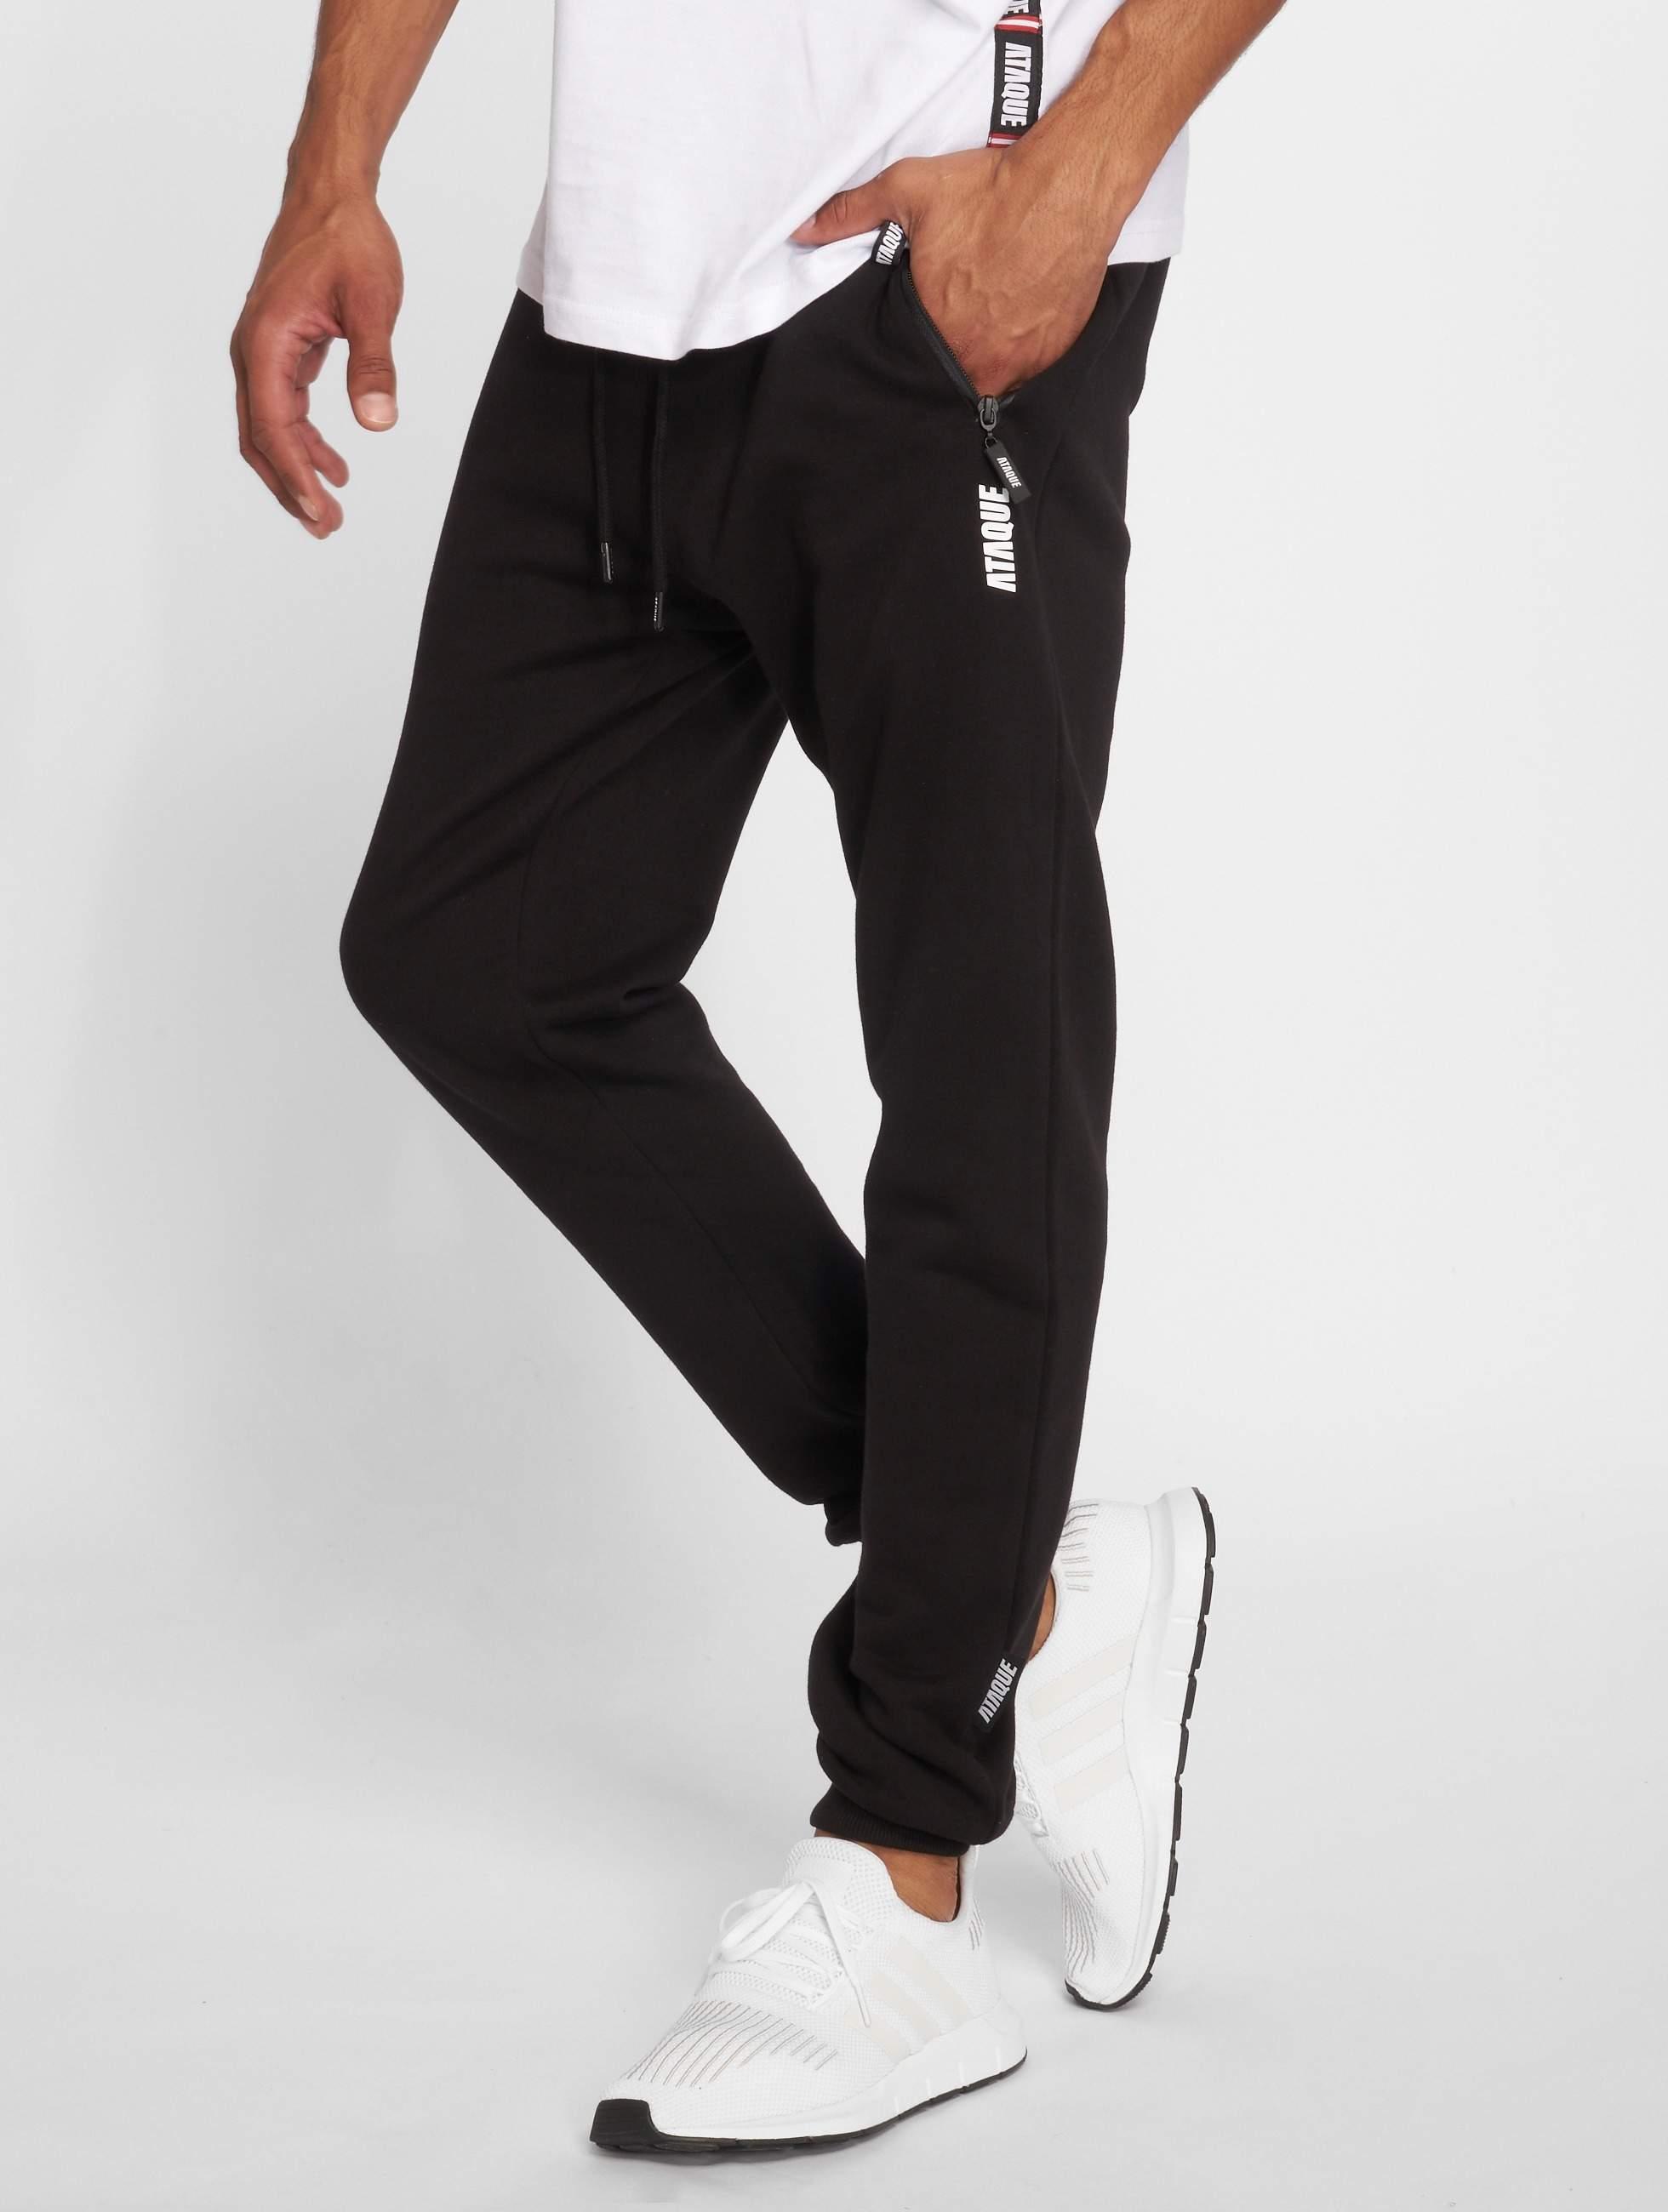 Ataque / Sweat Pant Leon in black XL